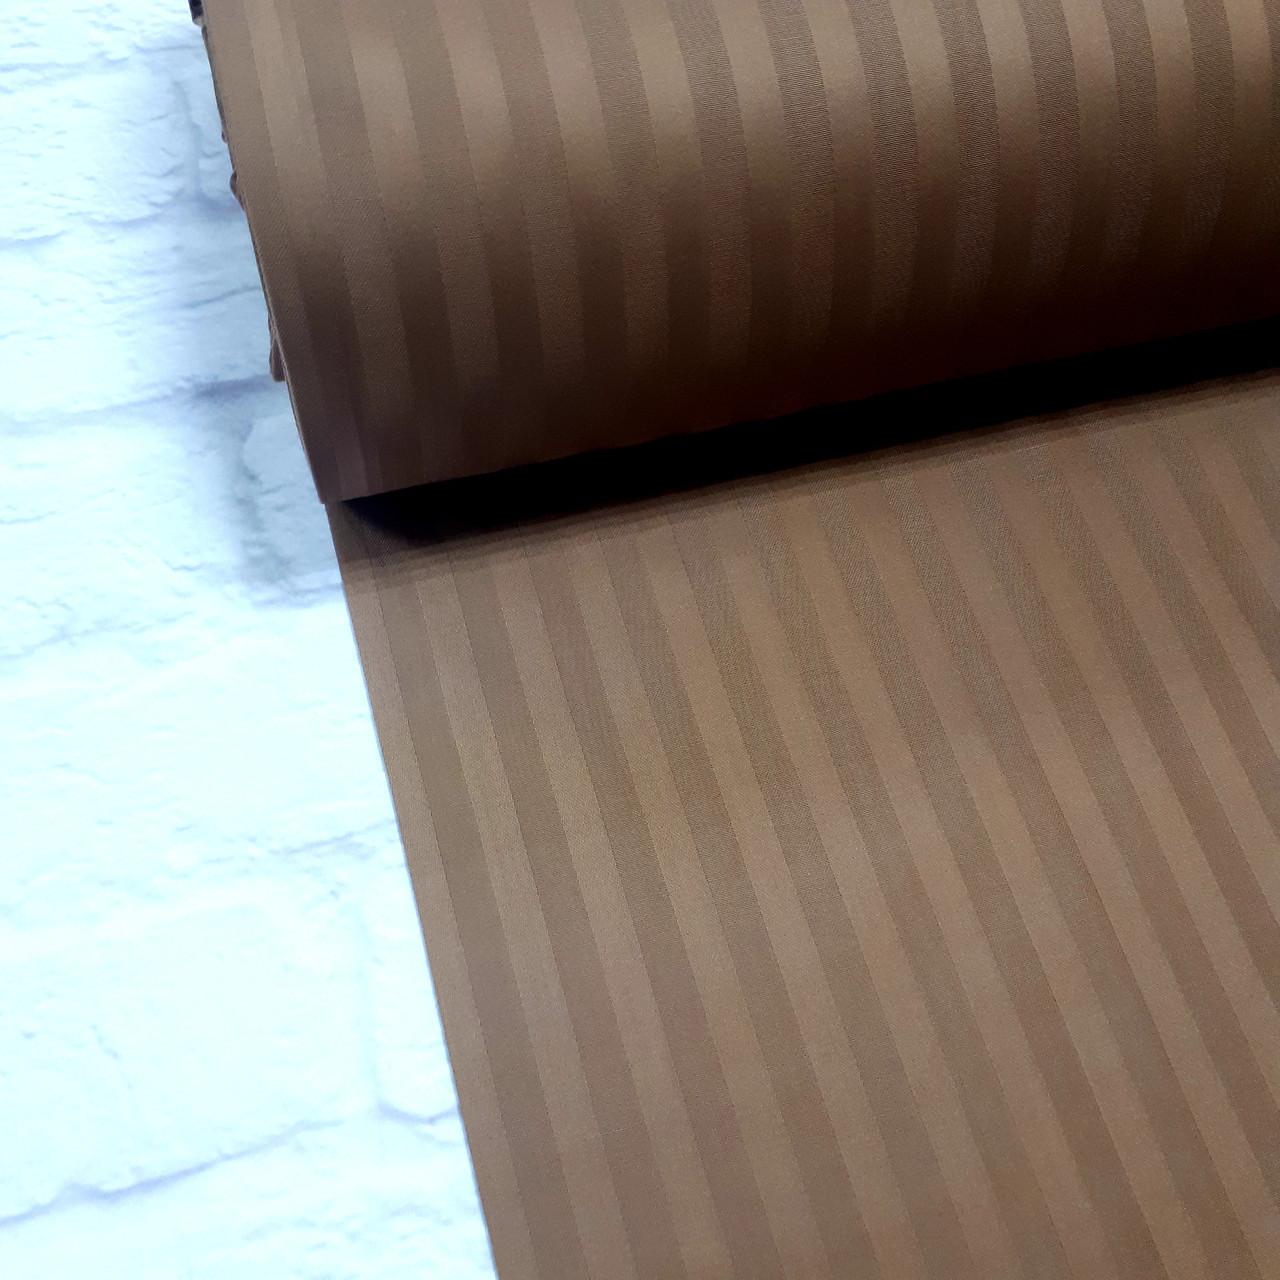 Сатин 100% хлопок  (ТУРЦИЯ) Stripes коричневый отрез (размер 0,2*2,4м)